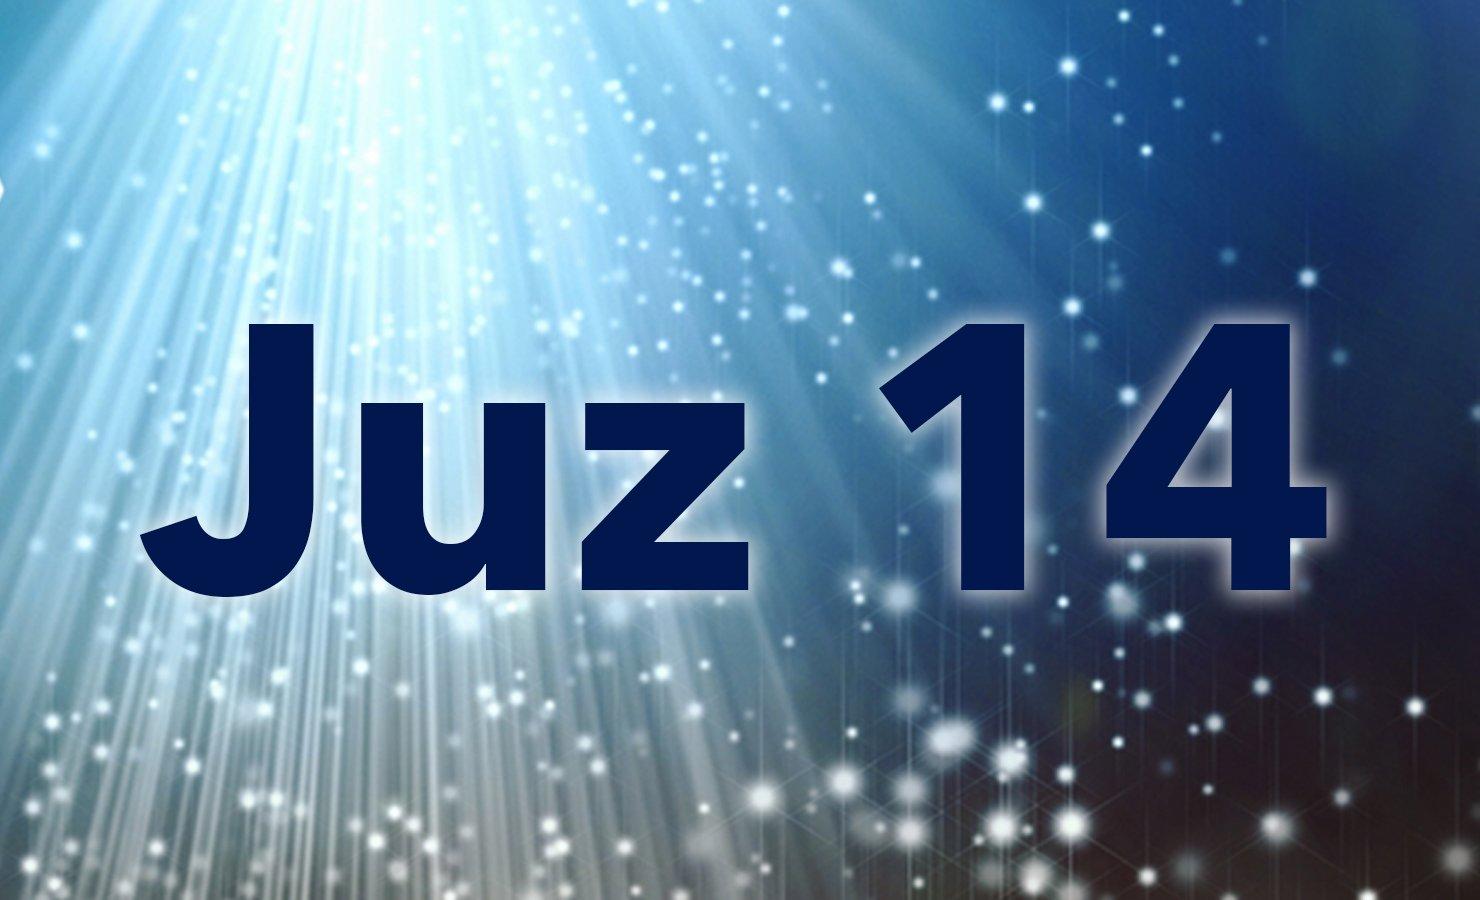 Juz-14